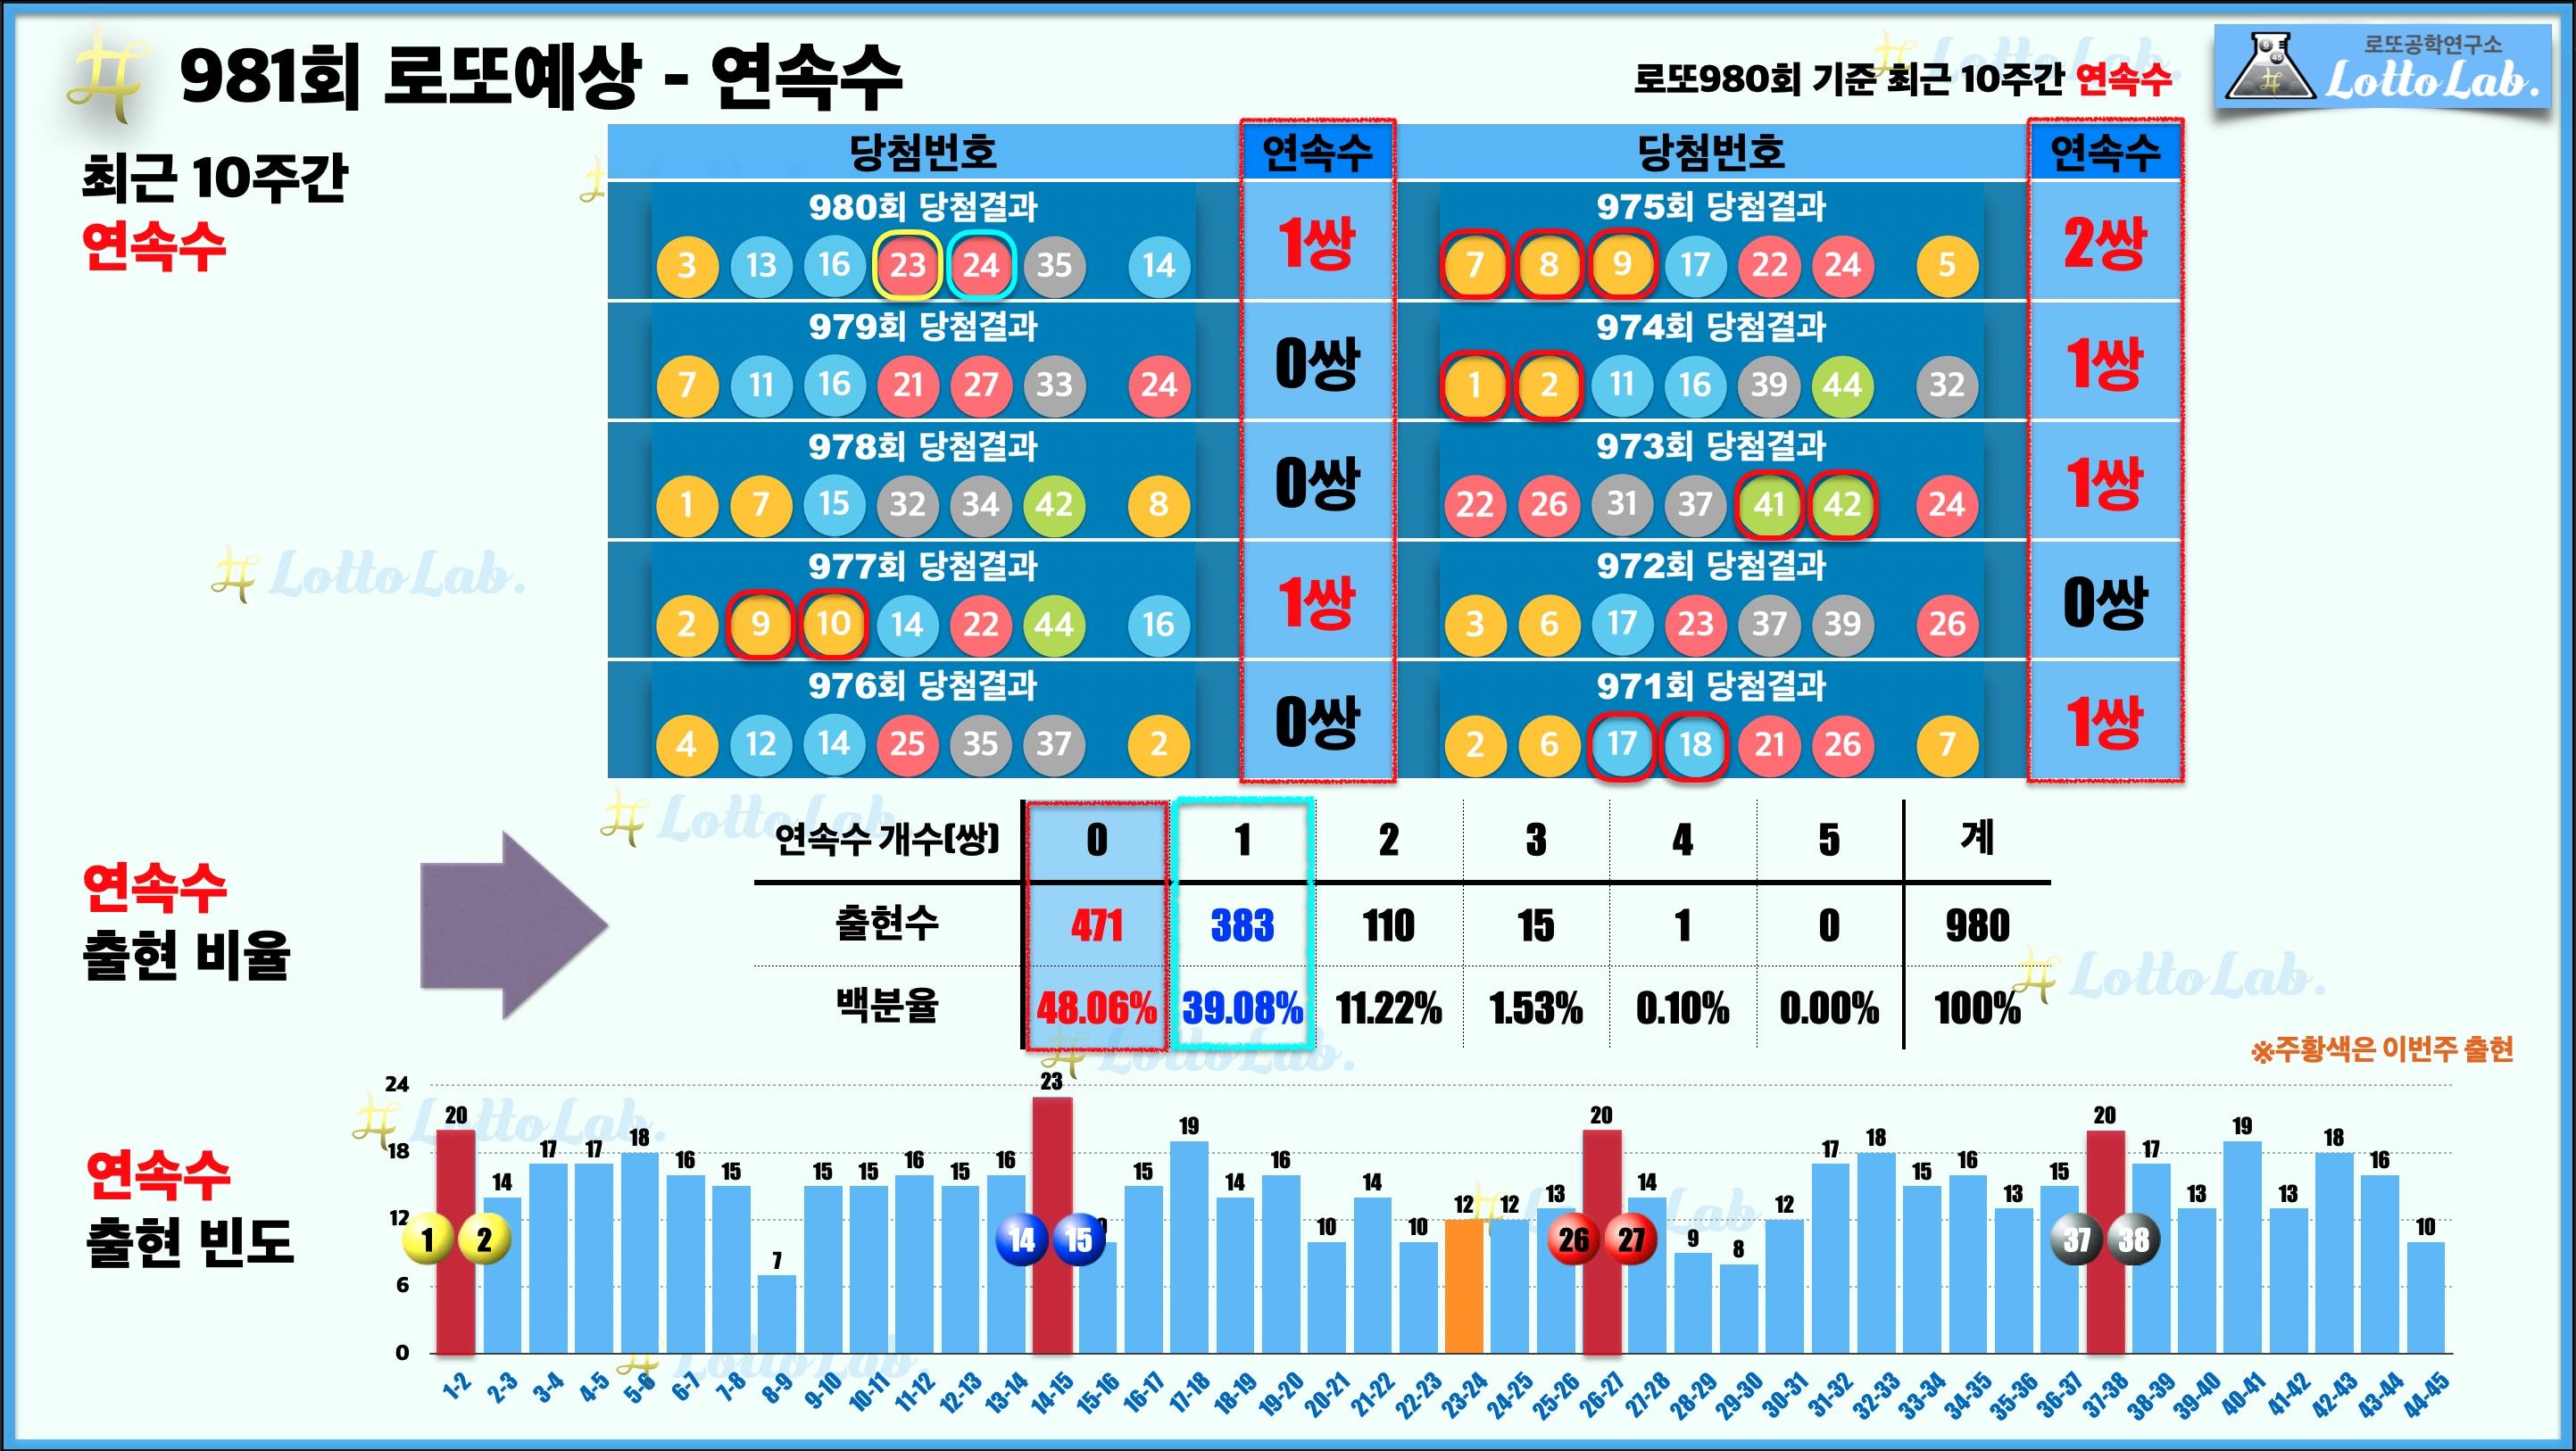 로또랩 로또981 당첨 번호 예상 - 연속수